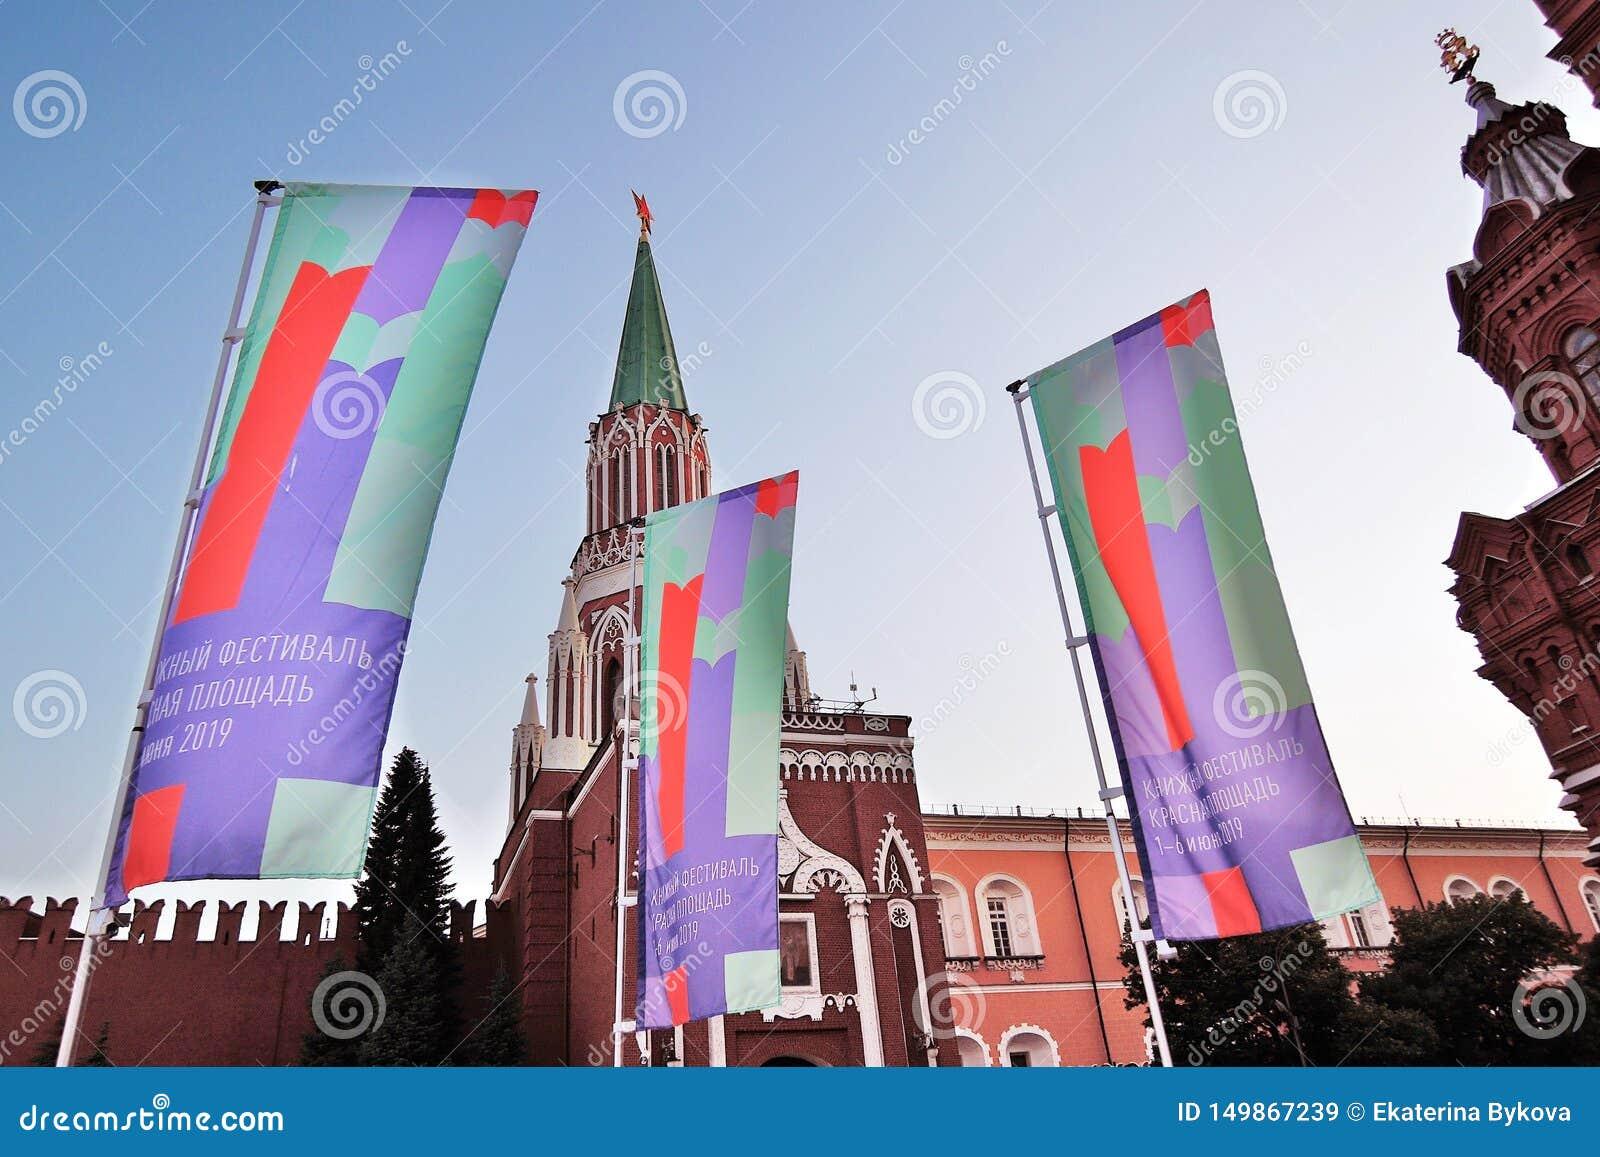 La feria de libro de la Plaza Roja en Mosc?